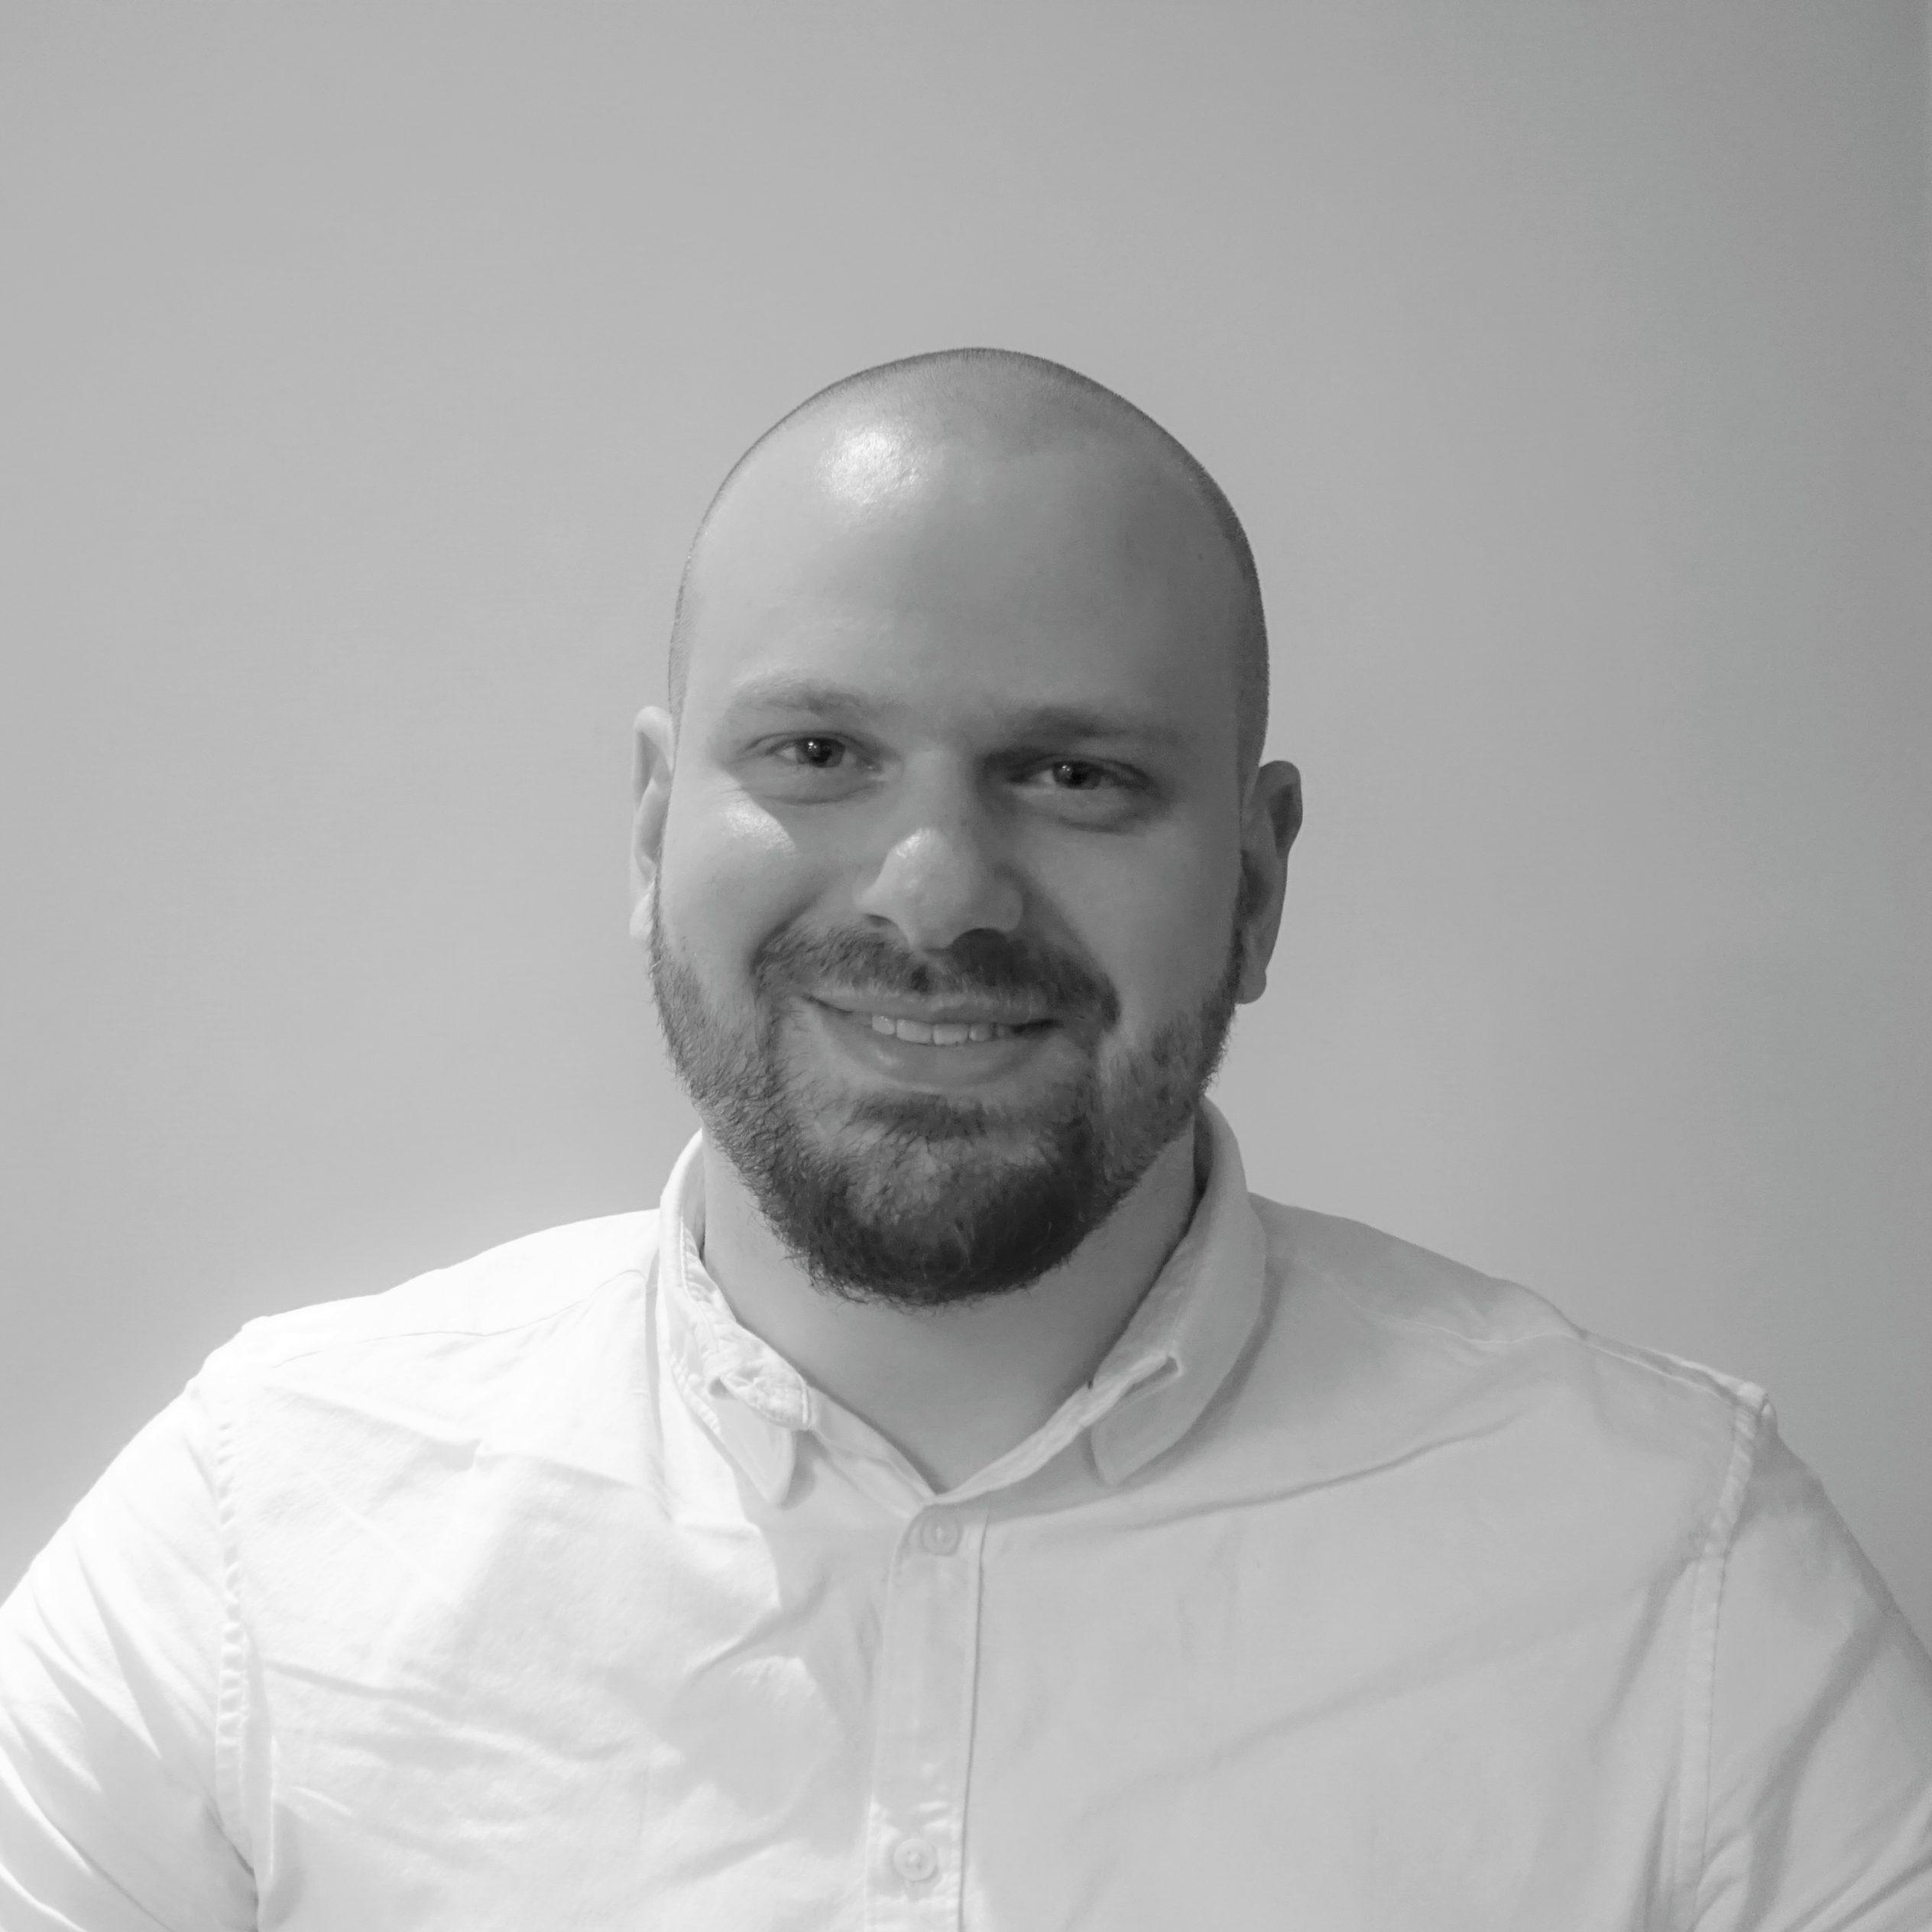 Peter Kousoulou